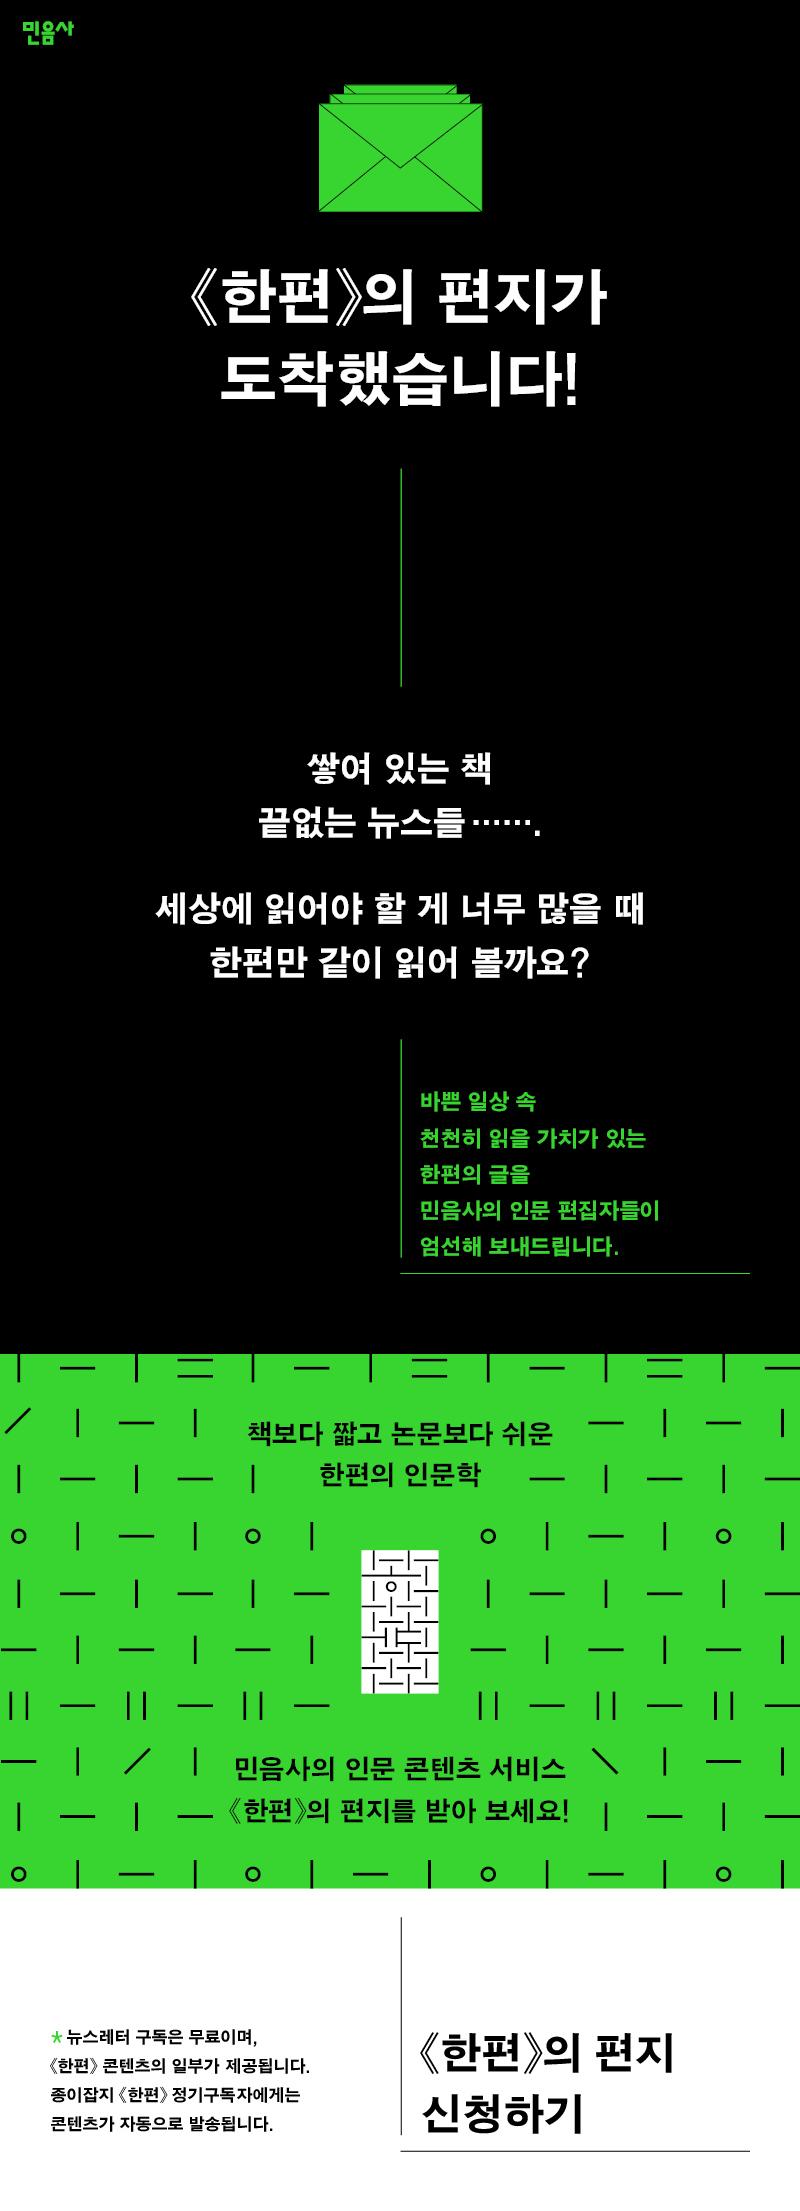 01_한편_세대_뉴스레터구독_웹페이지상단